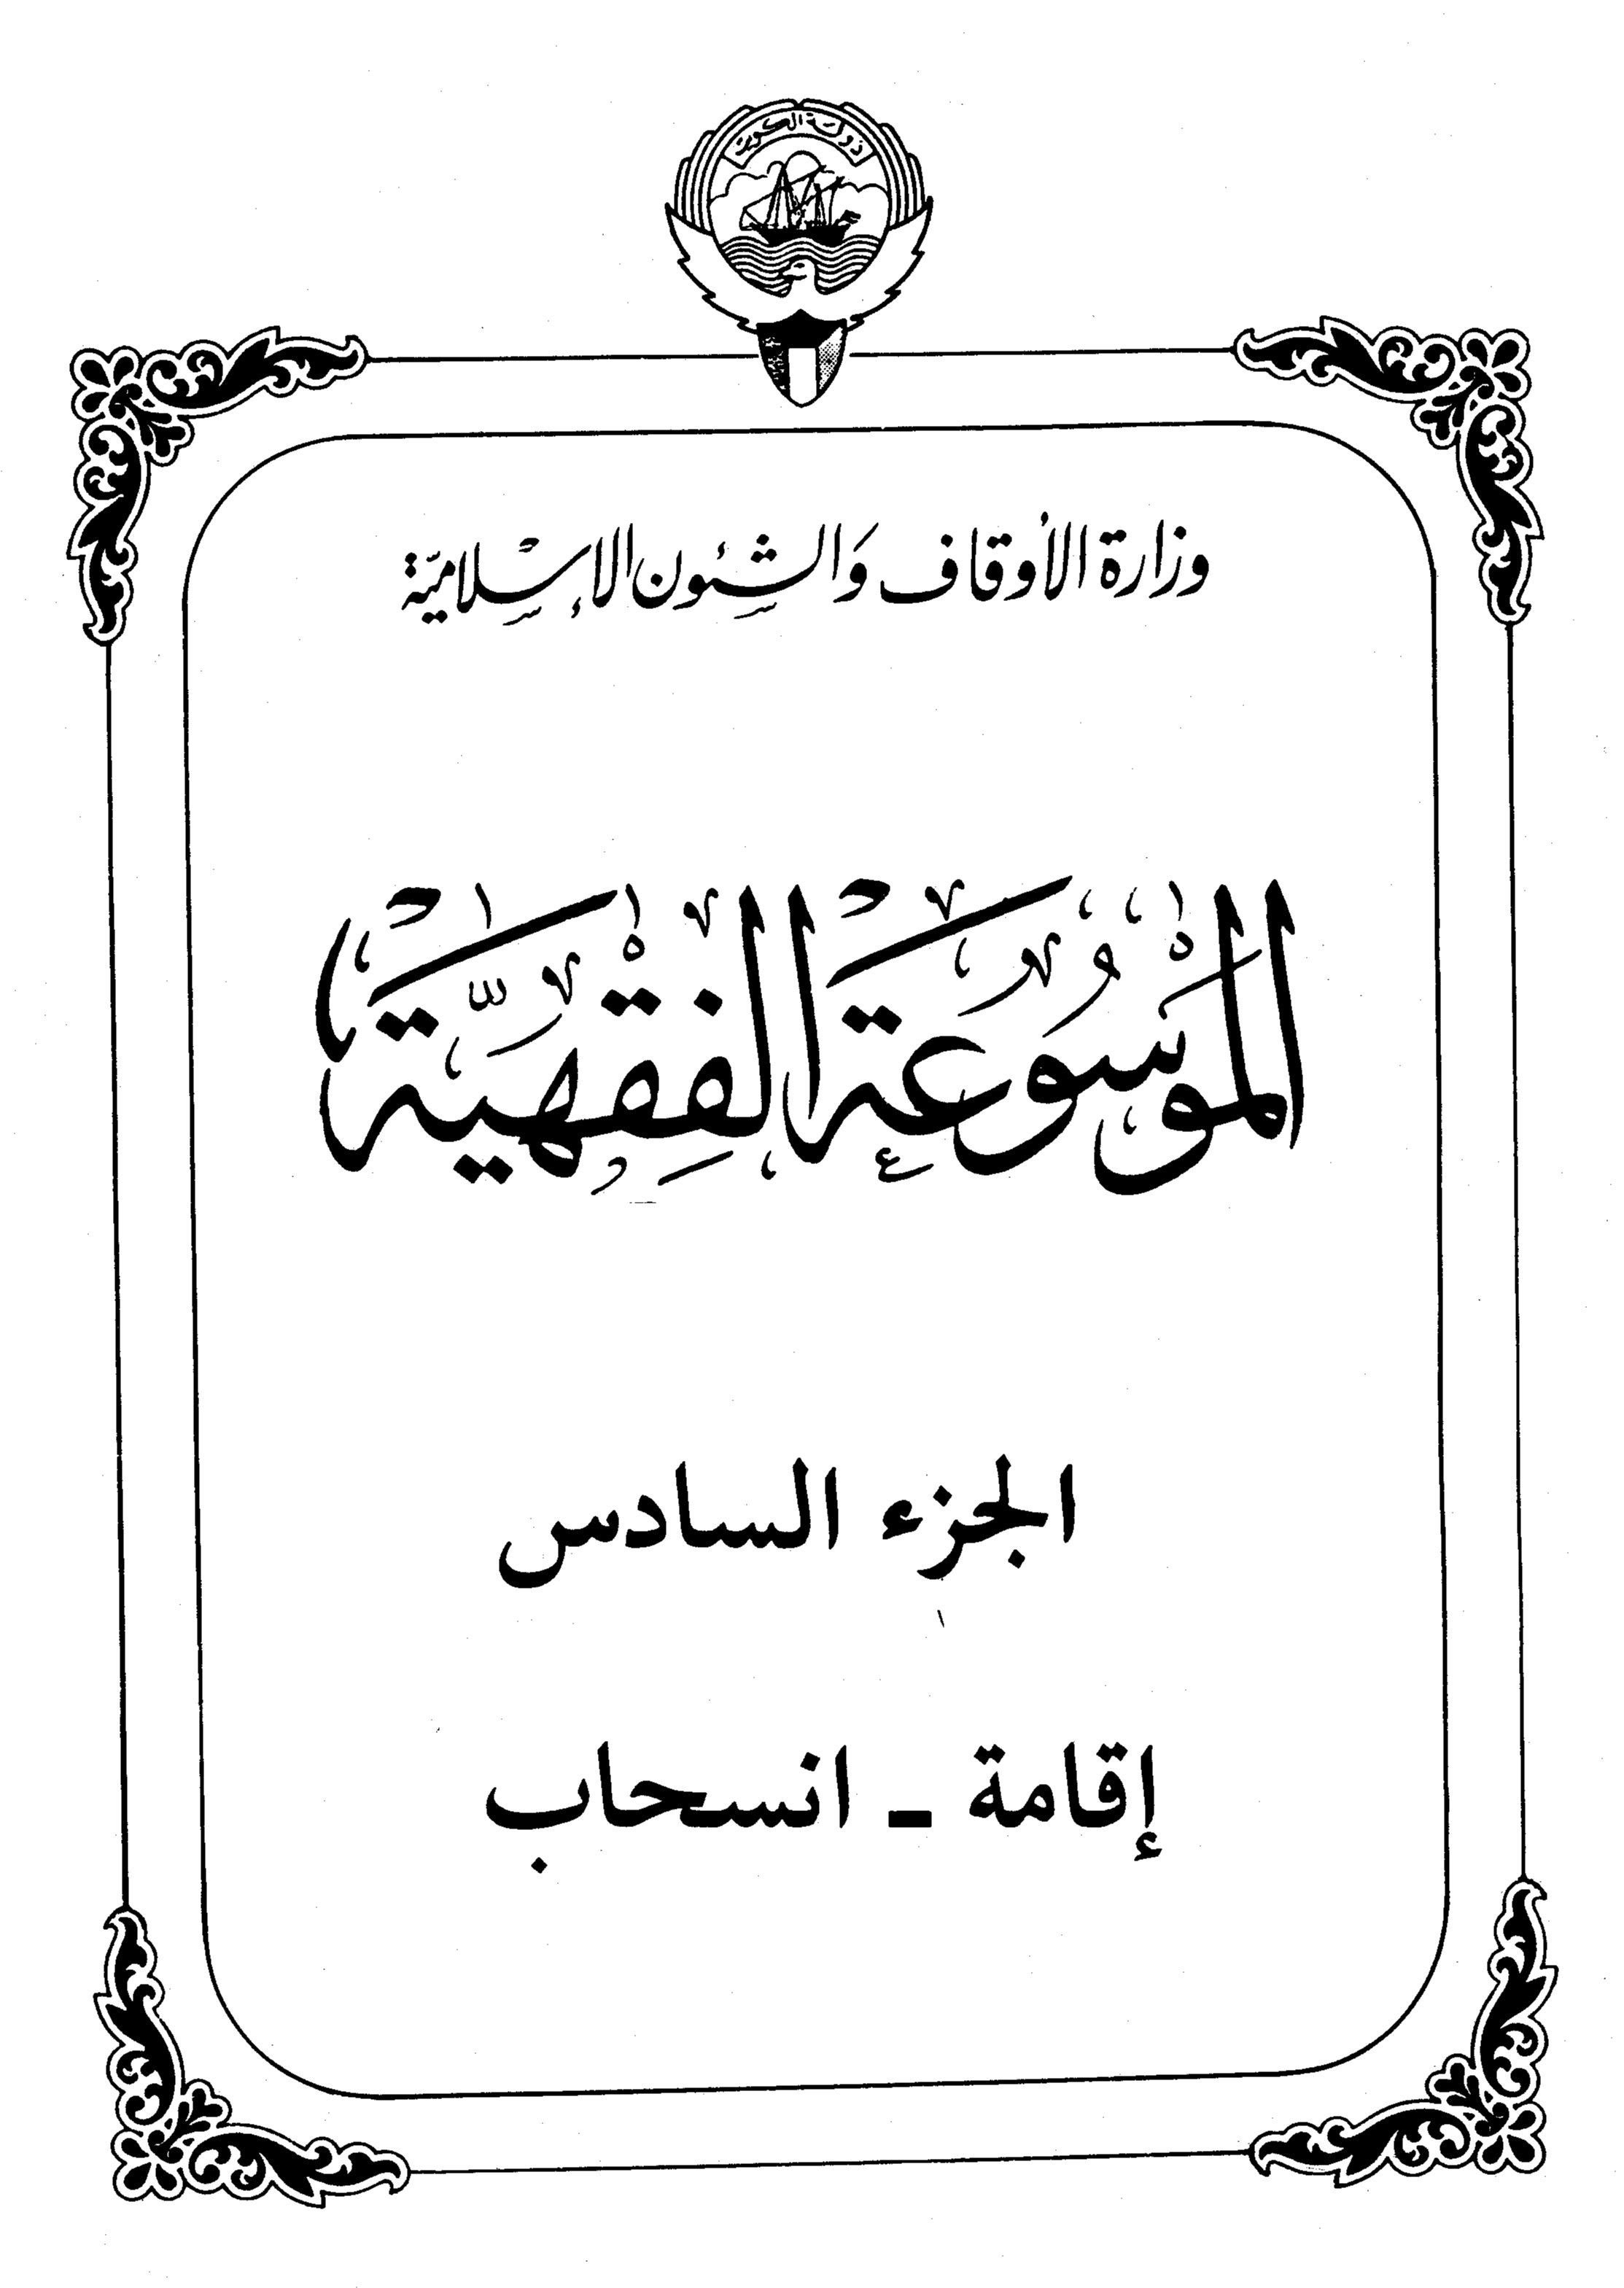 الموسوعة الفقهية الكويتية – الجزء السادس (إقامة – انسحاب)